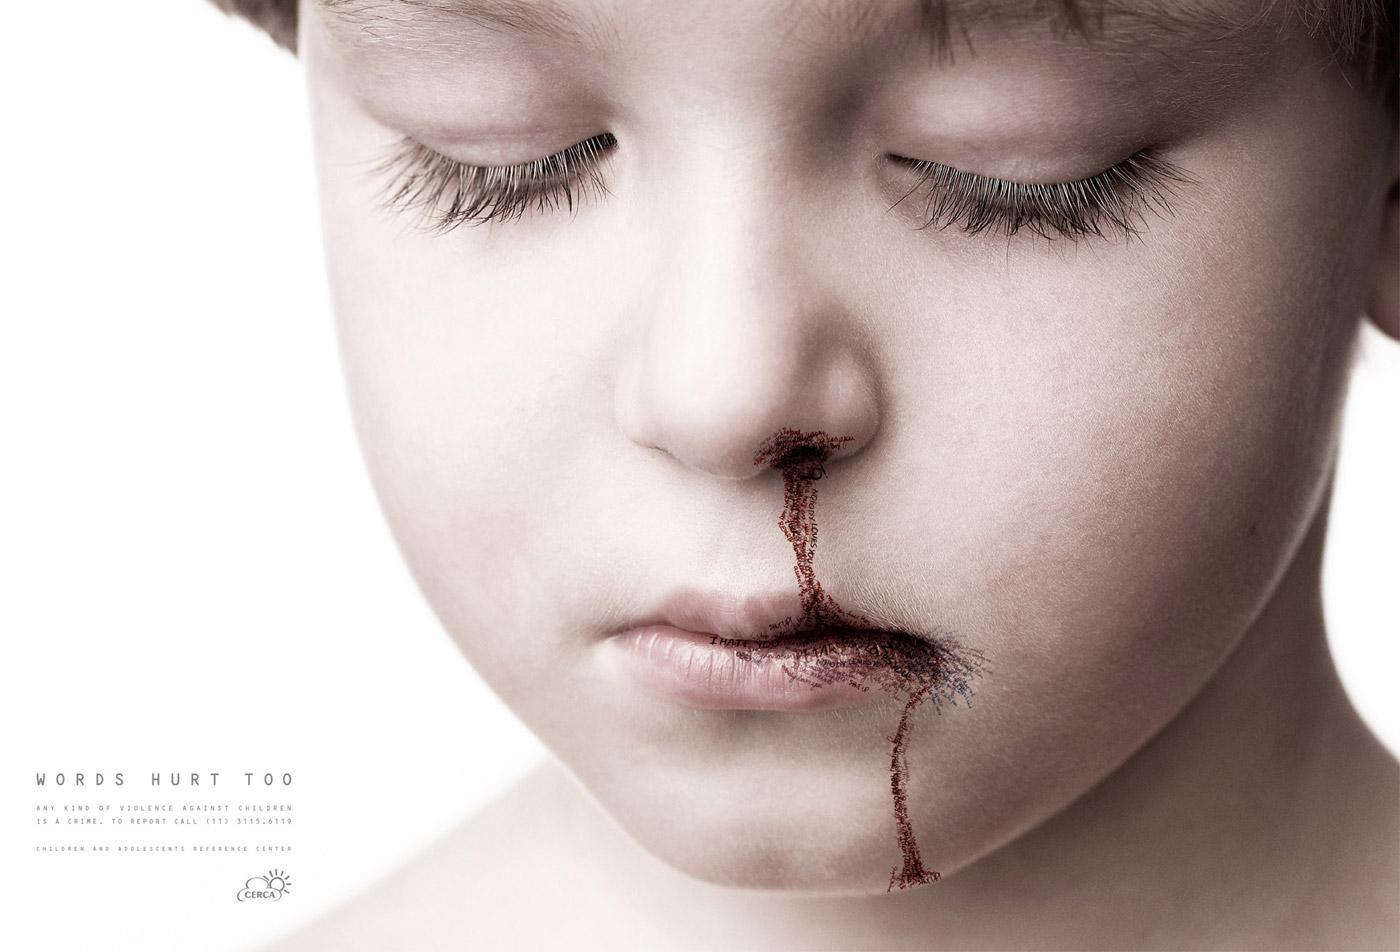 Cresce la violenza sui minori in Italia, record nel 2016: 5383 vittime, 15 al giorno